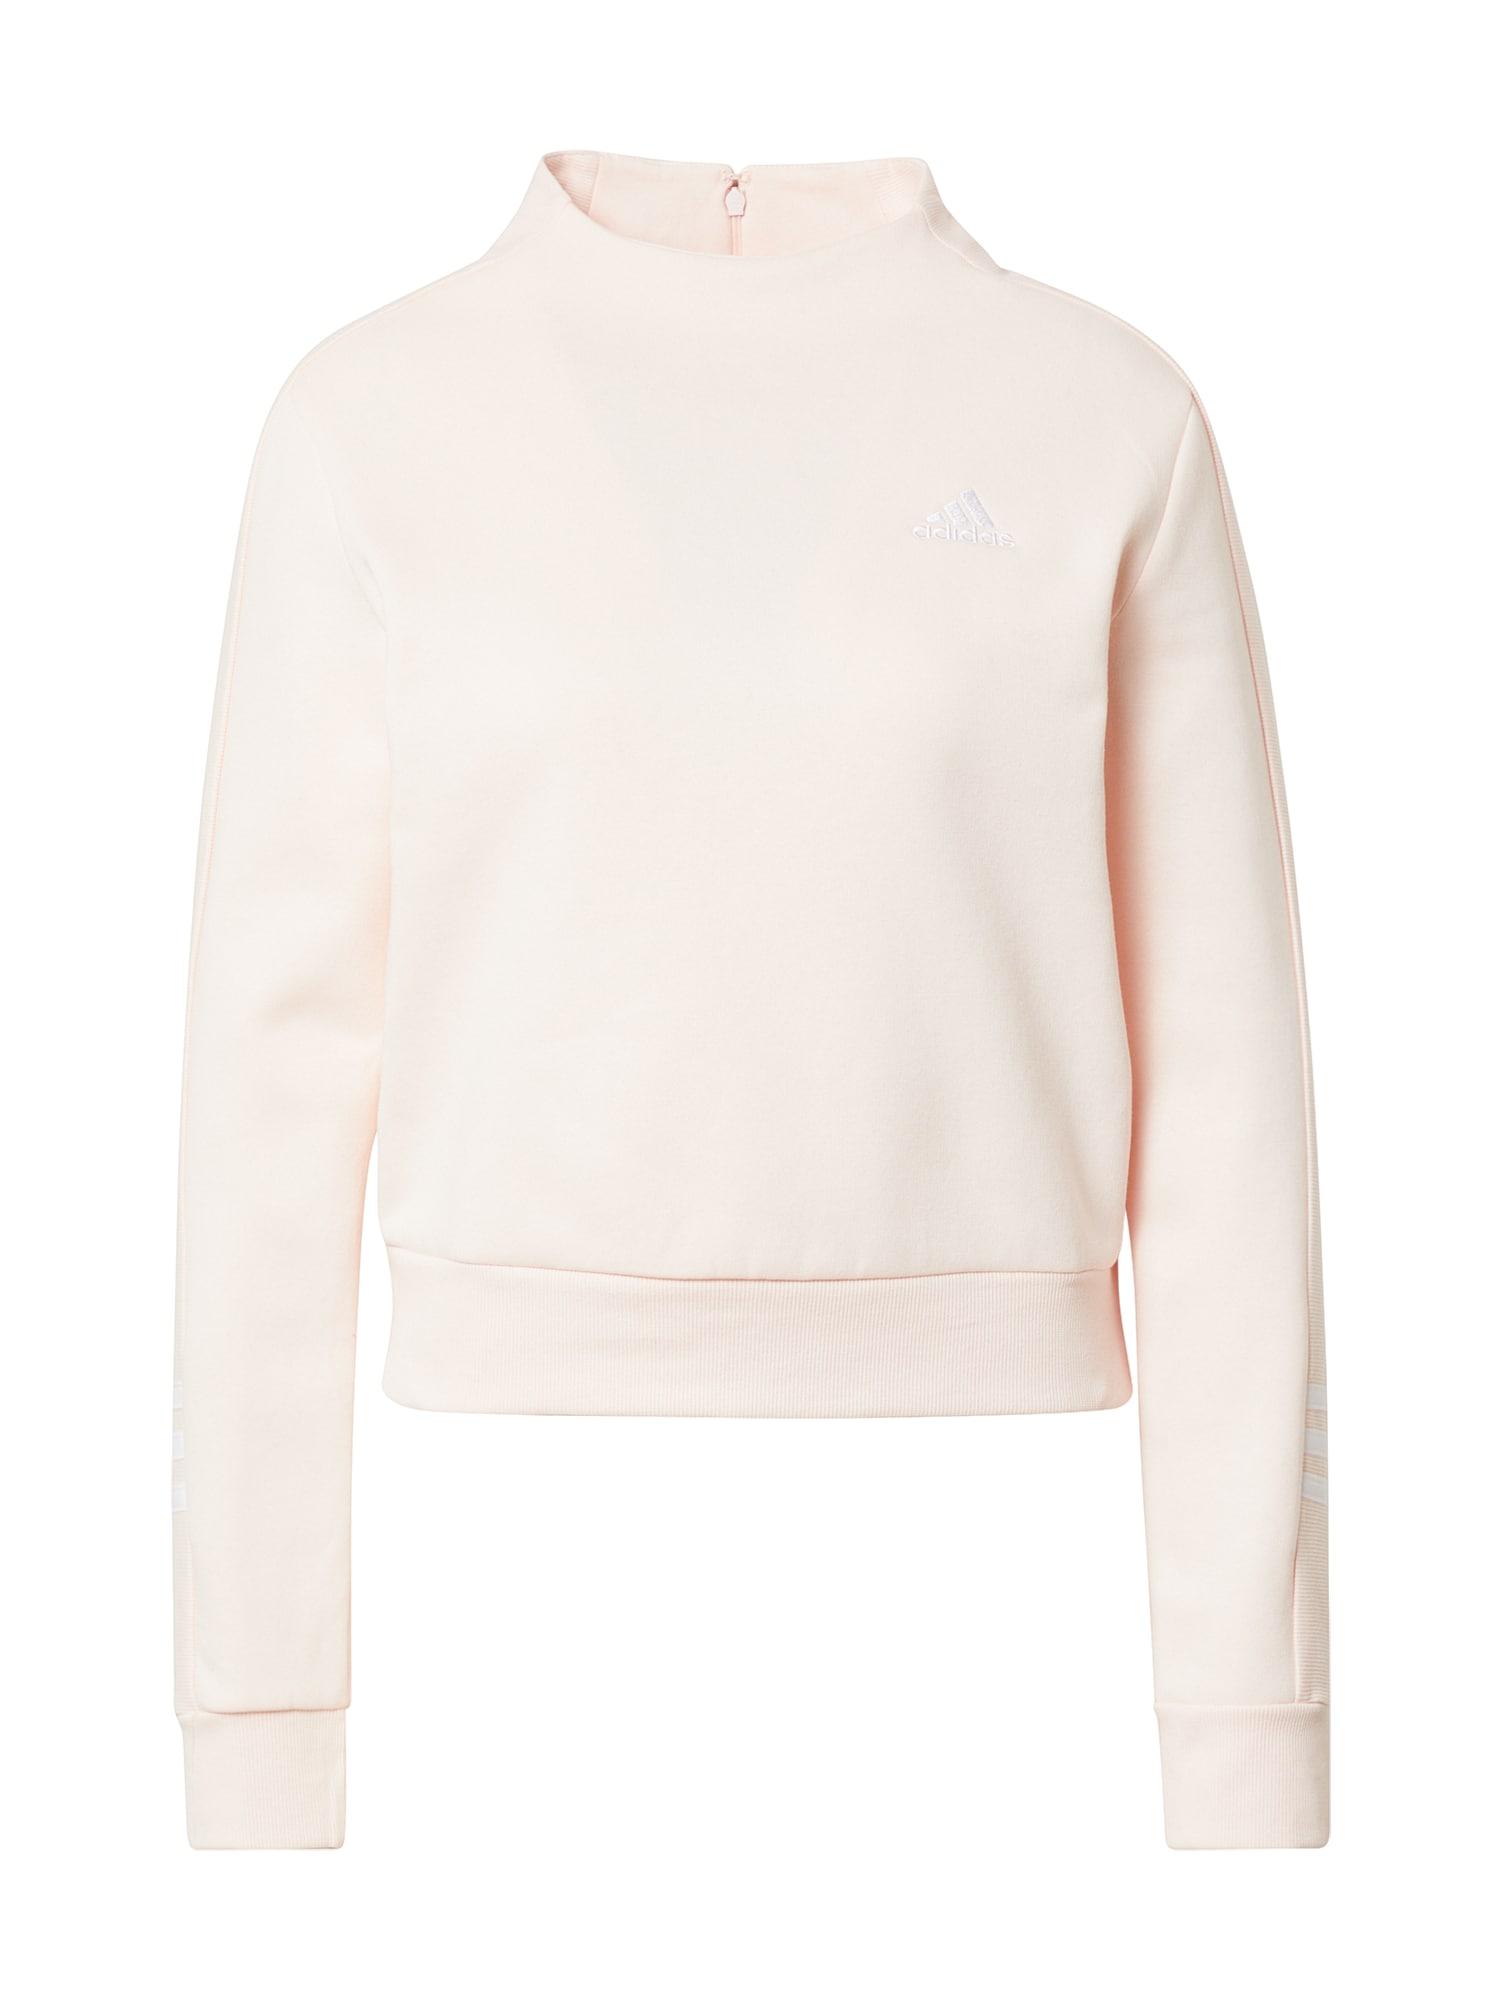 ADIDAS PERFORMANCE Sportinio tipo megztinis pastelinė rožinė